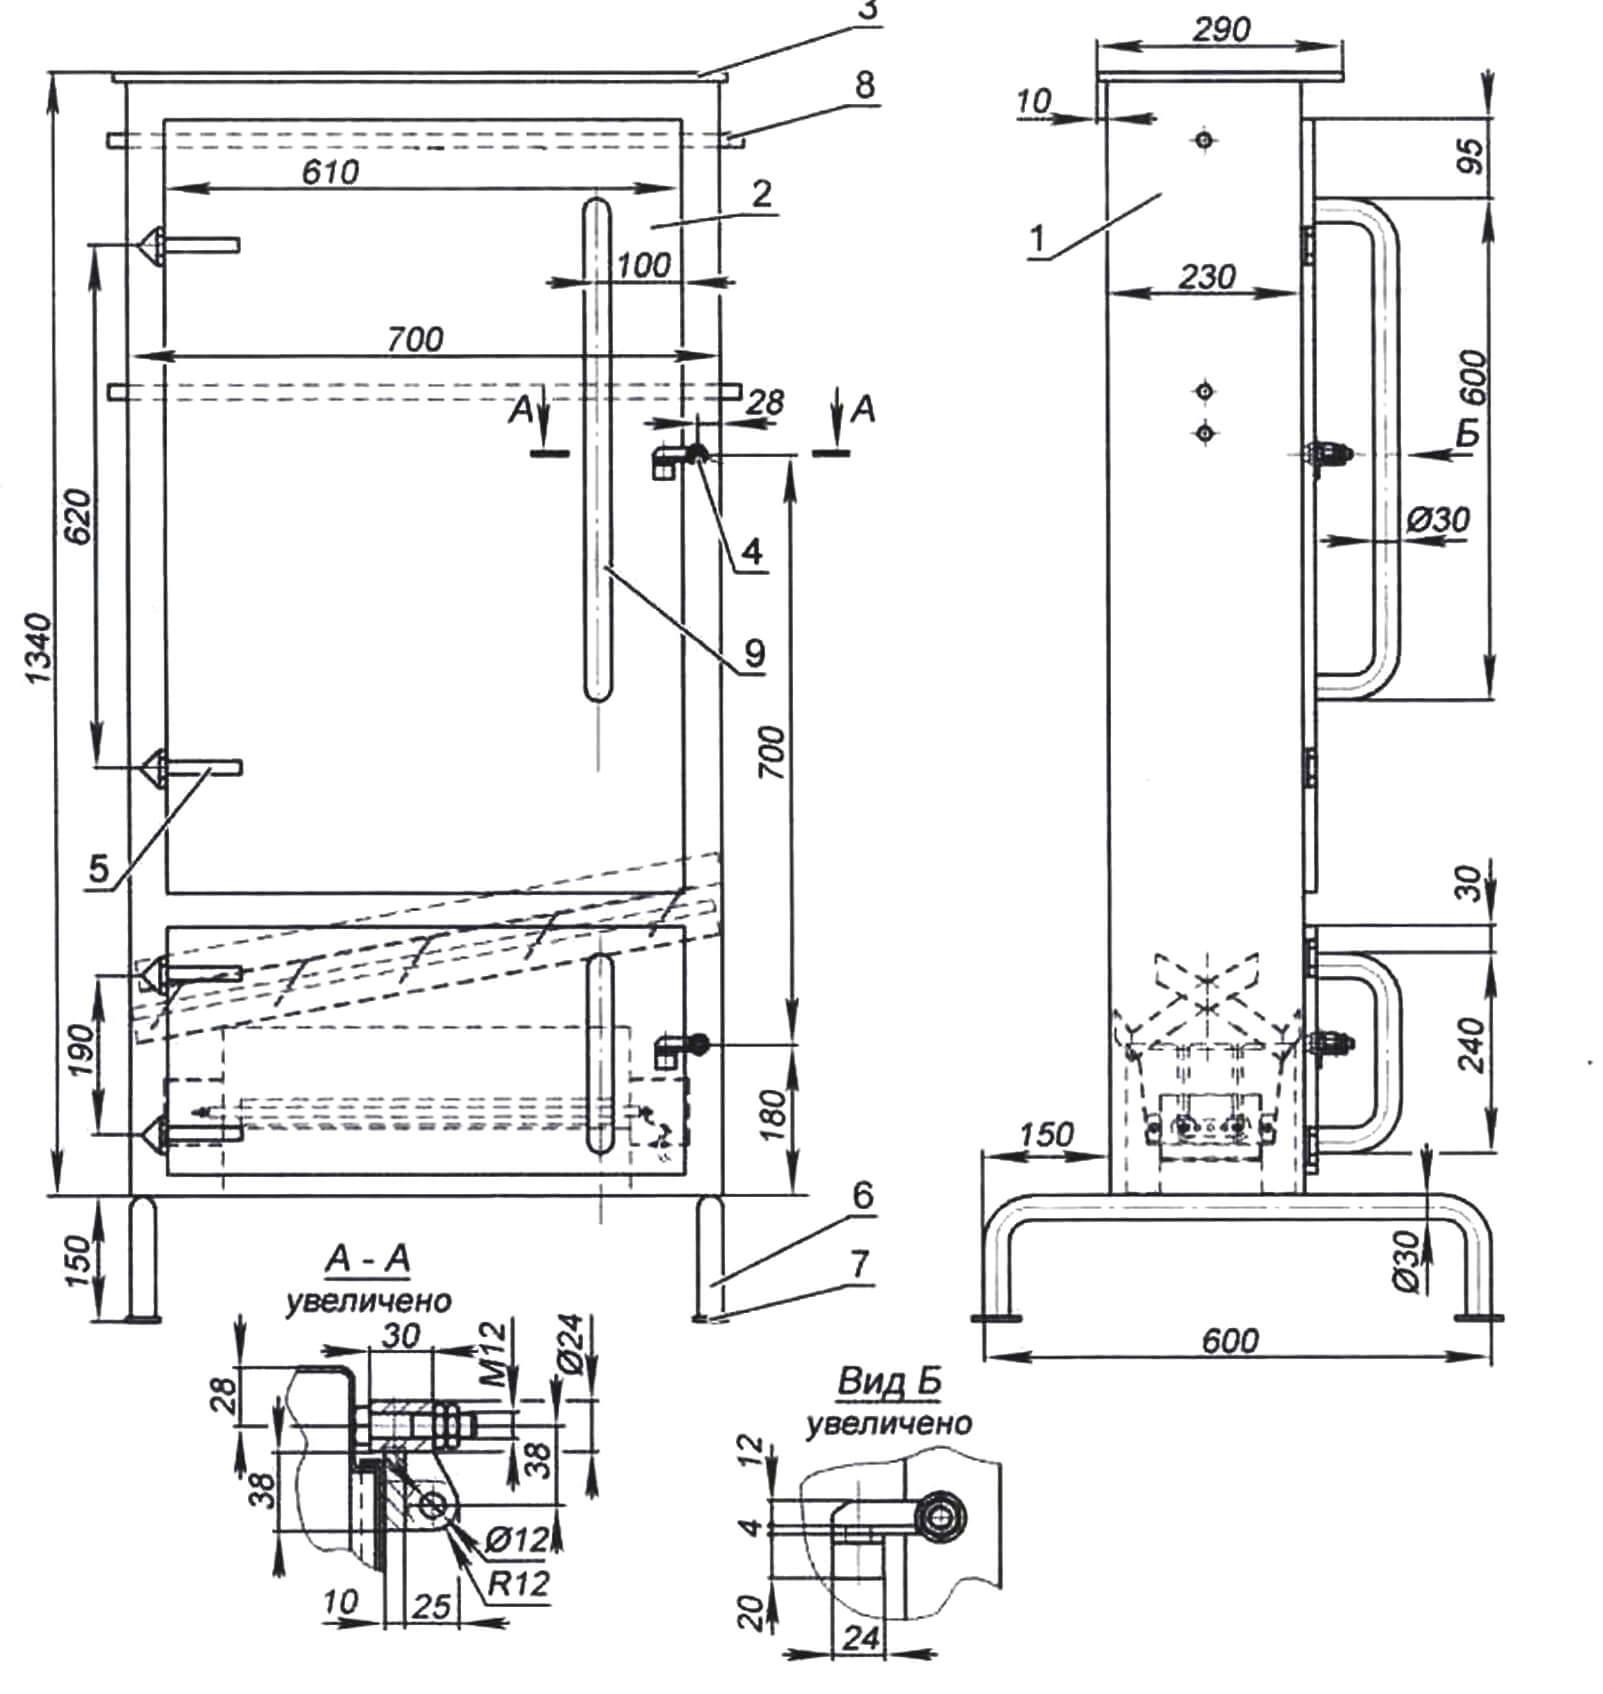 Коптильня с электротепловым автогенератором: 1 - шкаф; 2 - дверцы; 3 - крышка; 4 - запоры; 5 - шарниры; 6 - ножки; 7 - опорные пластины; 8 - пруток для навески; 9 - ручка дверцы; 10 - крючок подвесной